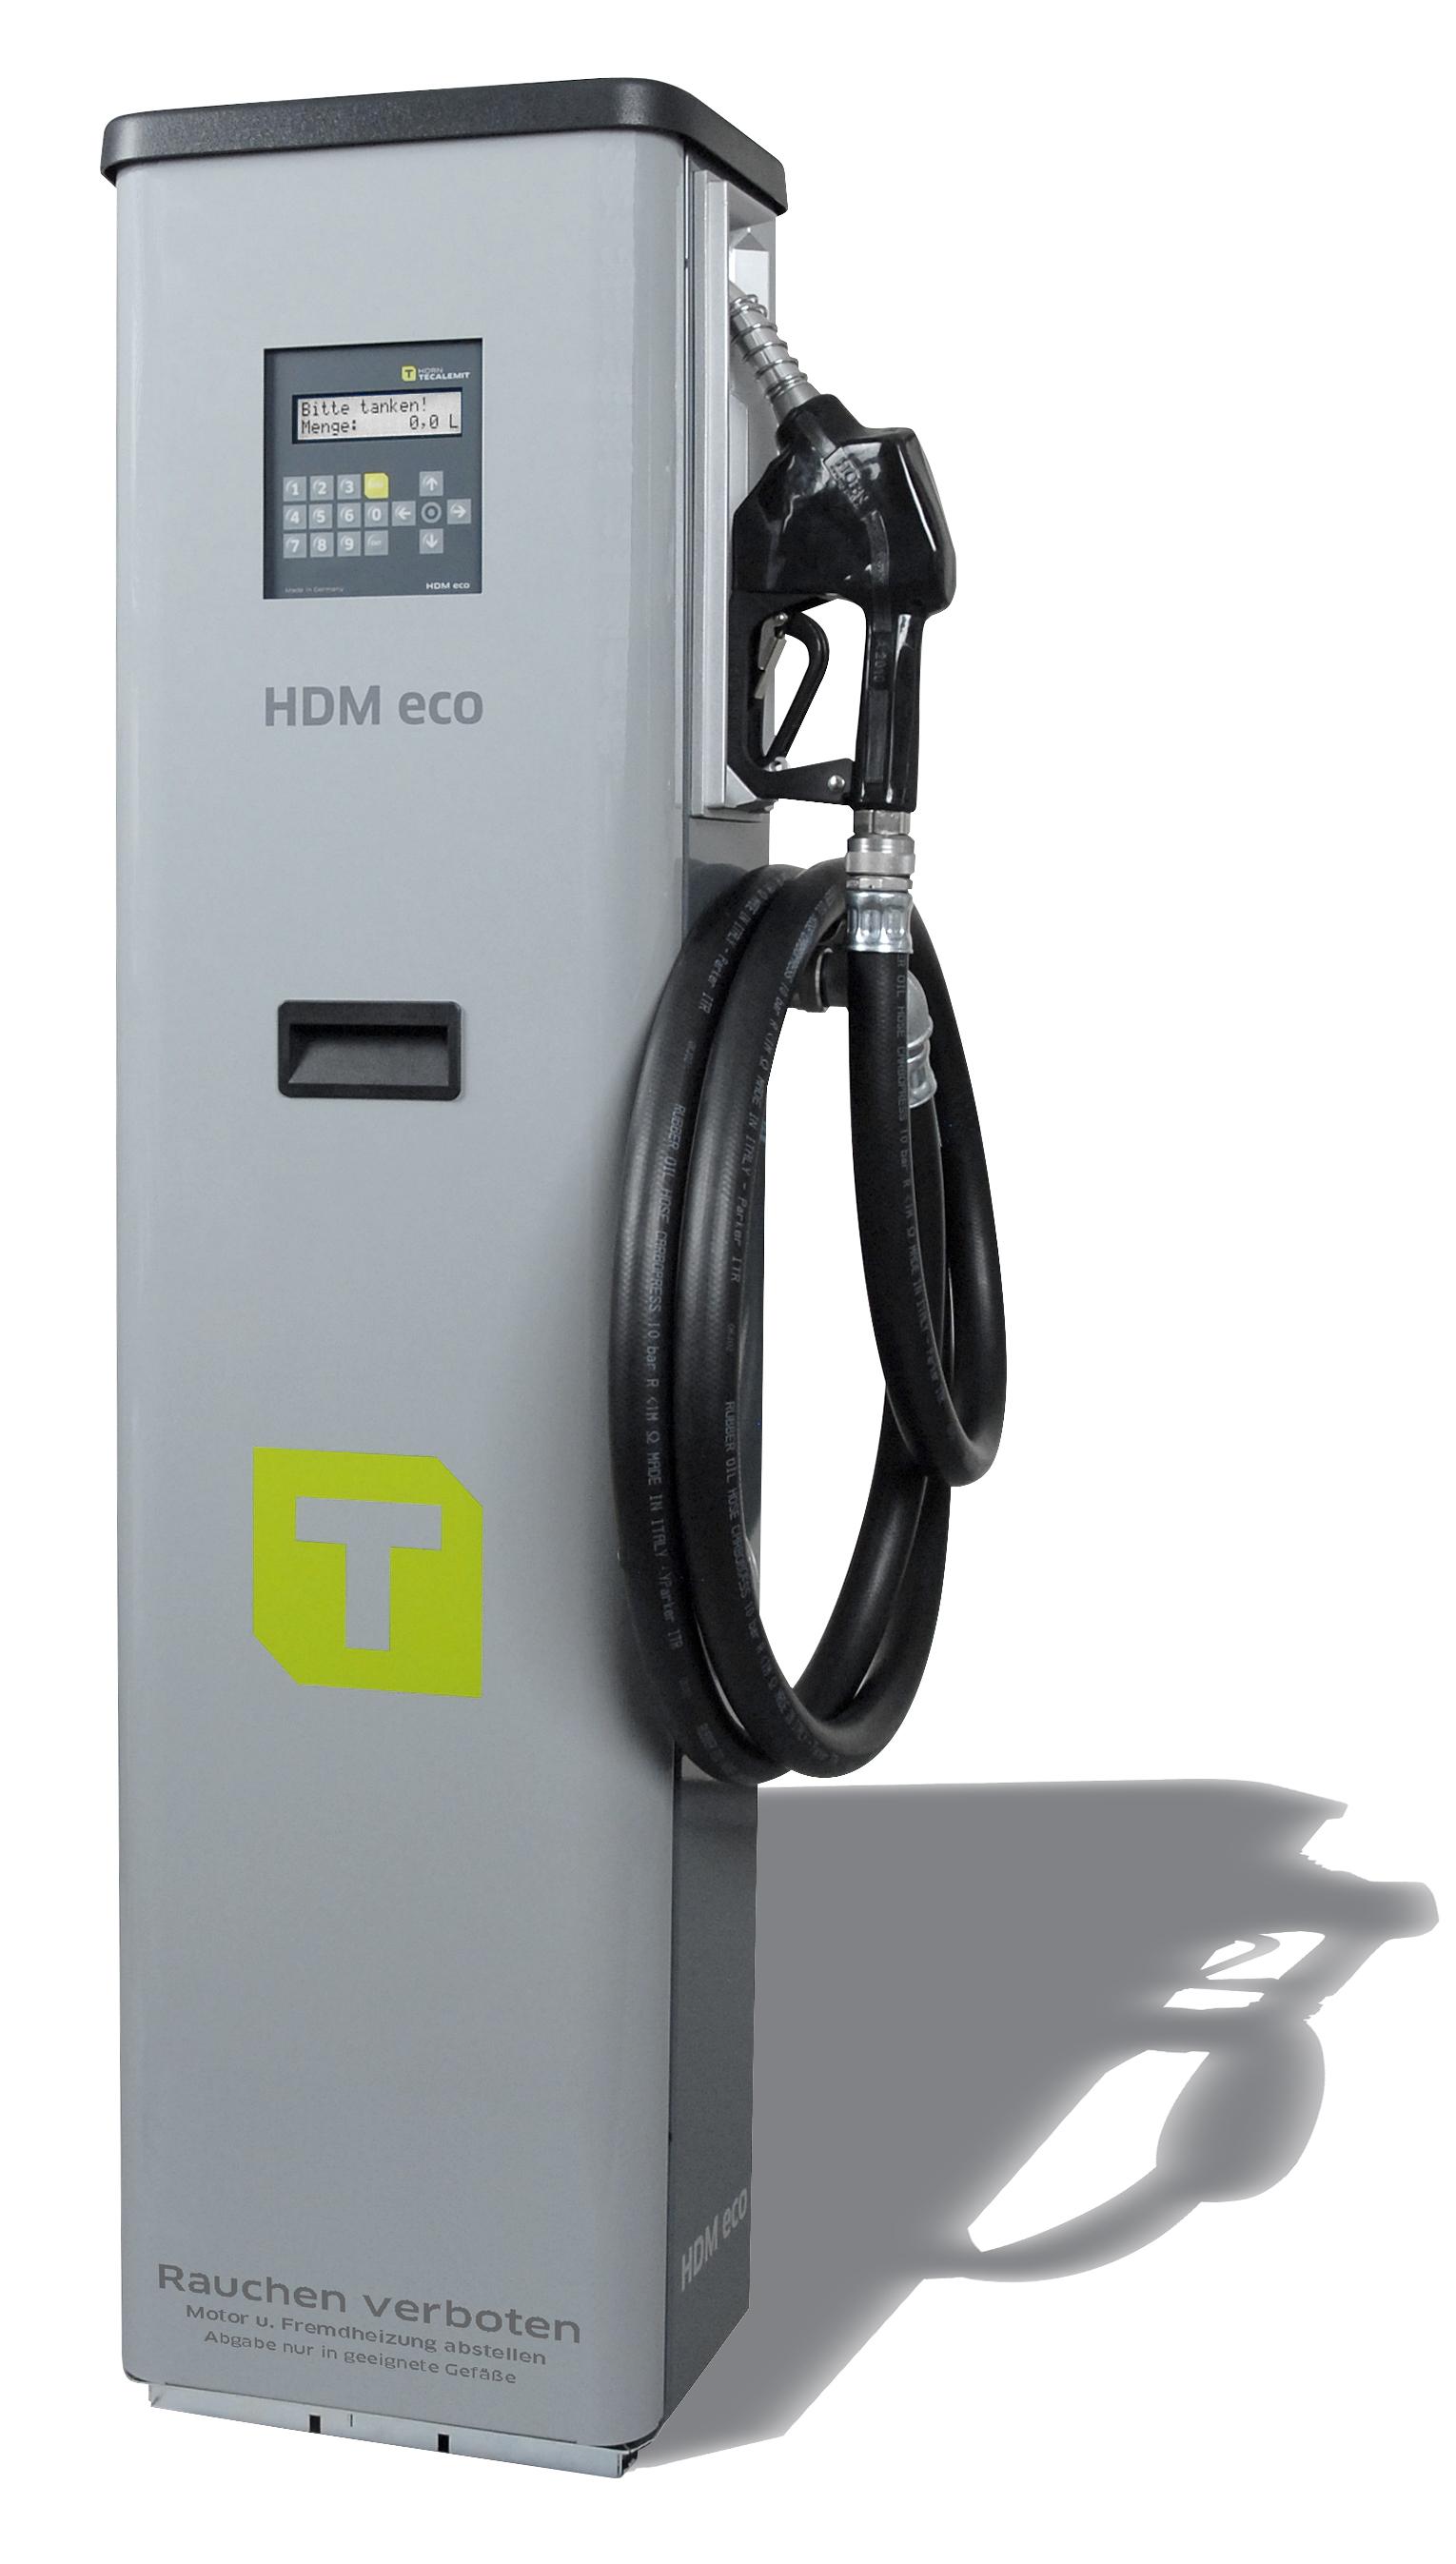 DISTRIBUTEUR DE GASOIL HDM 60 ECO